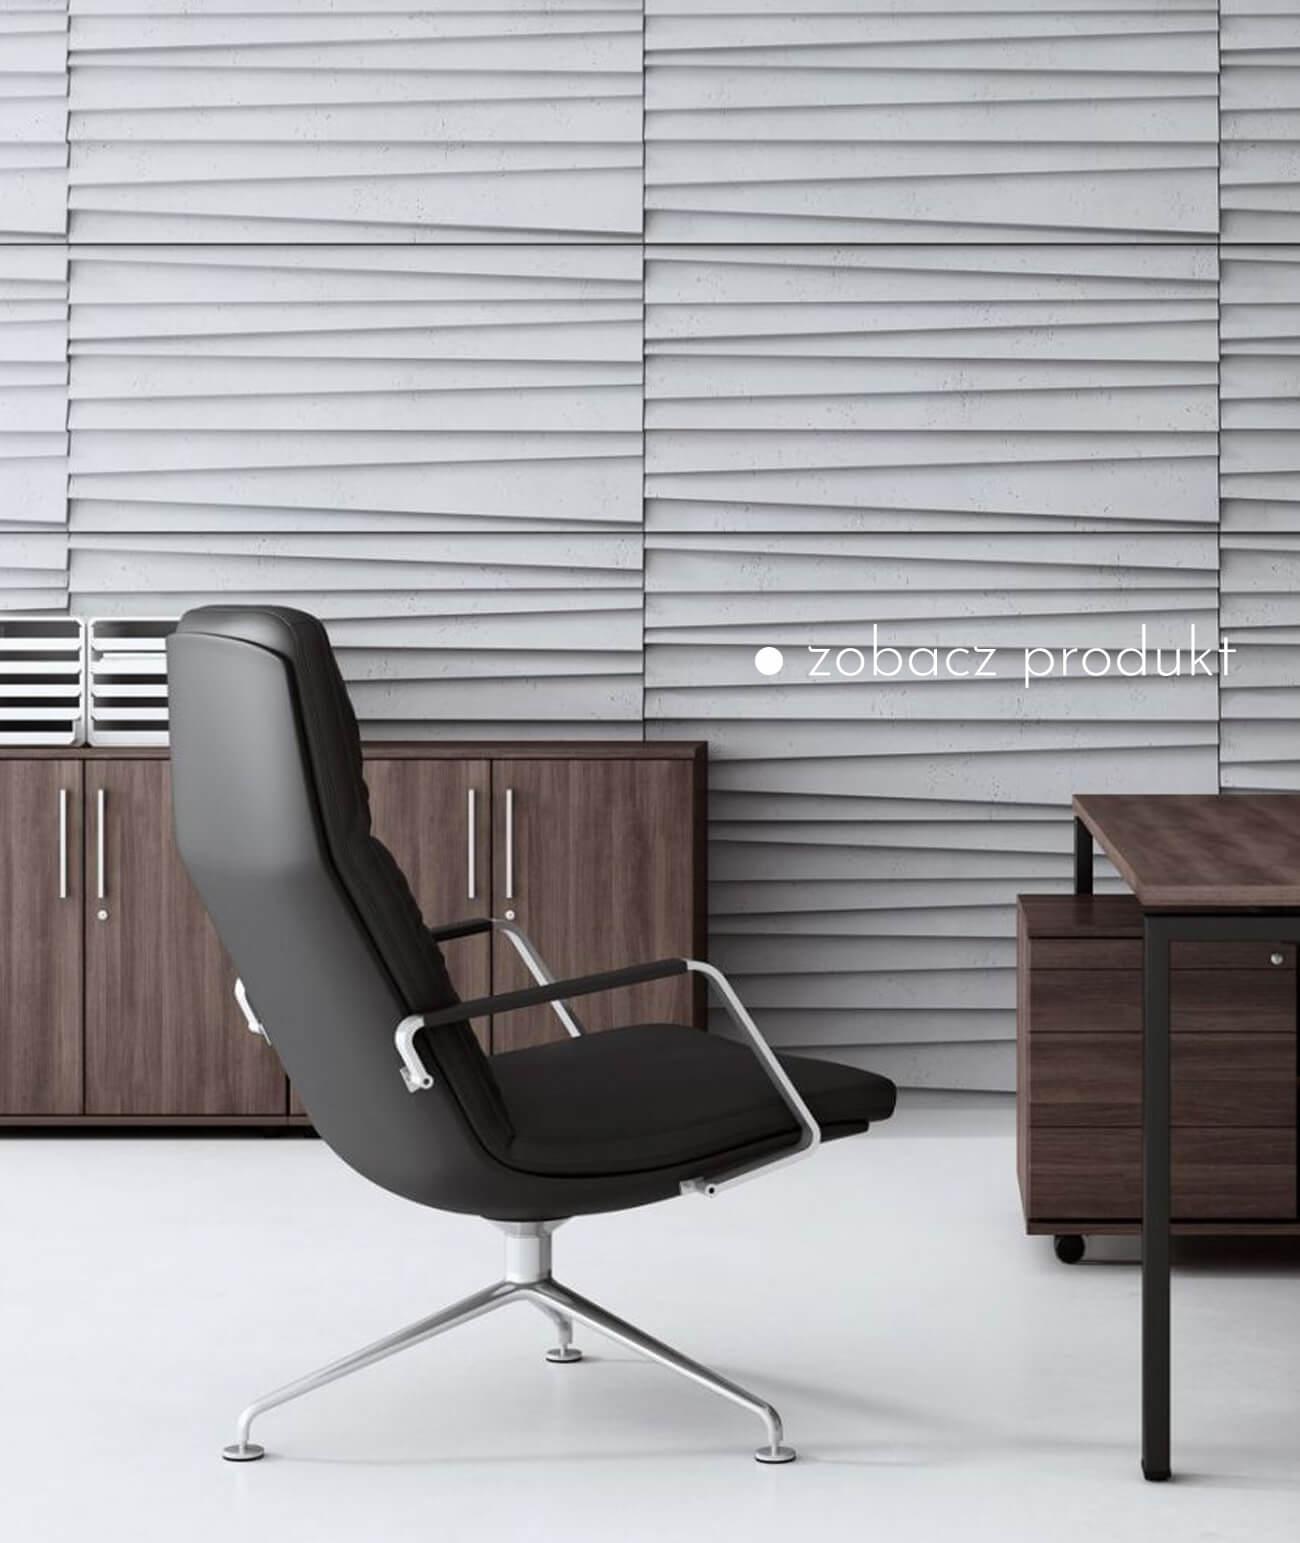 panele-betonowe-3d-scienne-i-elewacyjne-beton-architektoniczny_313-1616-pb04-s50-jasny-szary-mysi-zaluzje---panel-dekor-3d-beton-architektoniczny-panel-scienny